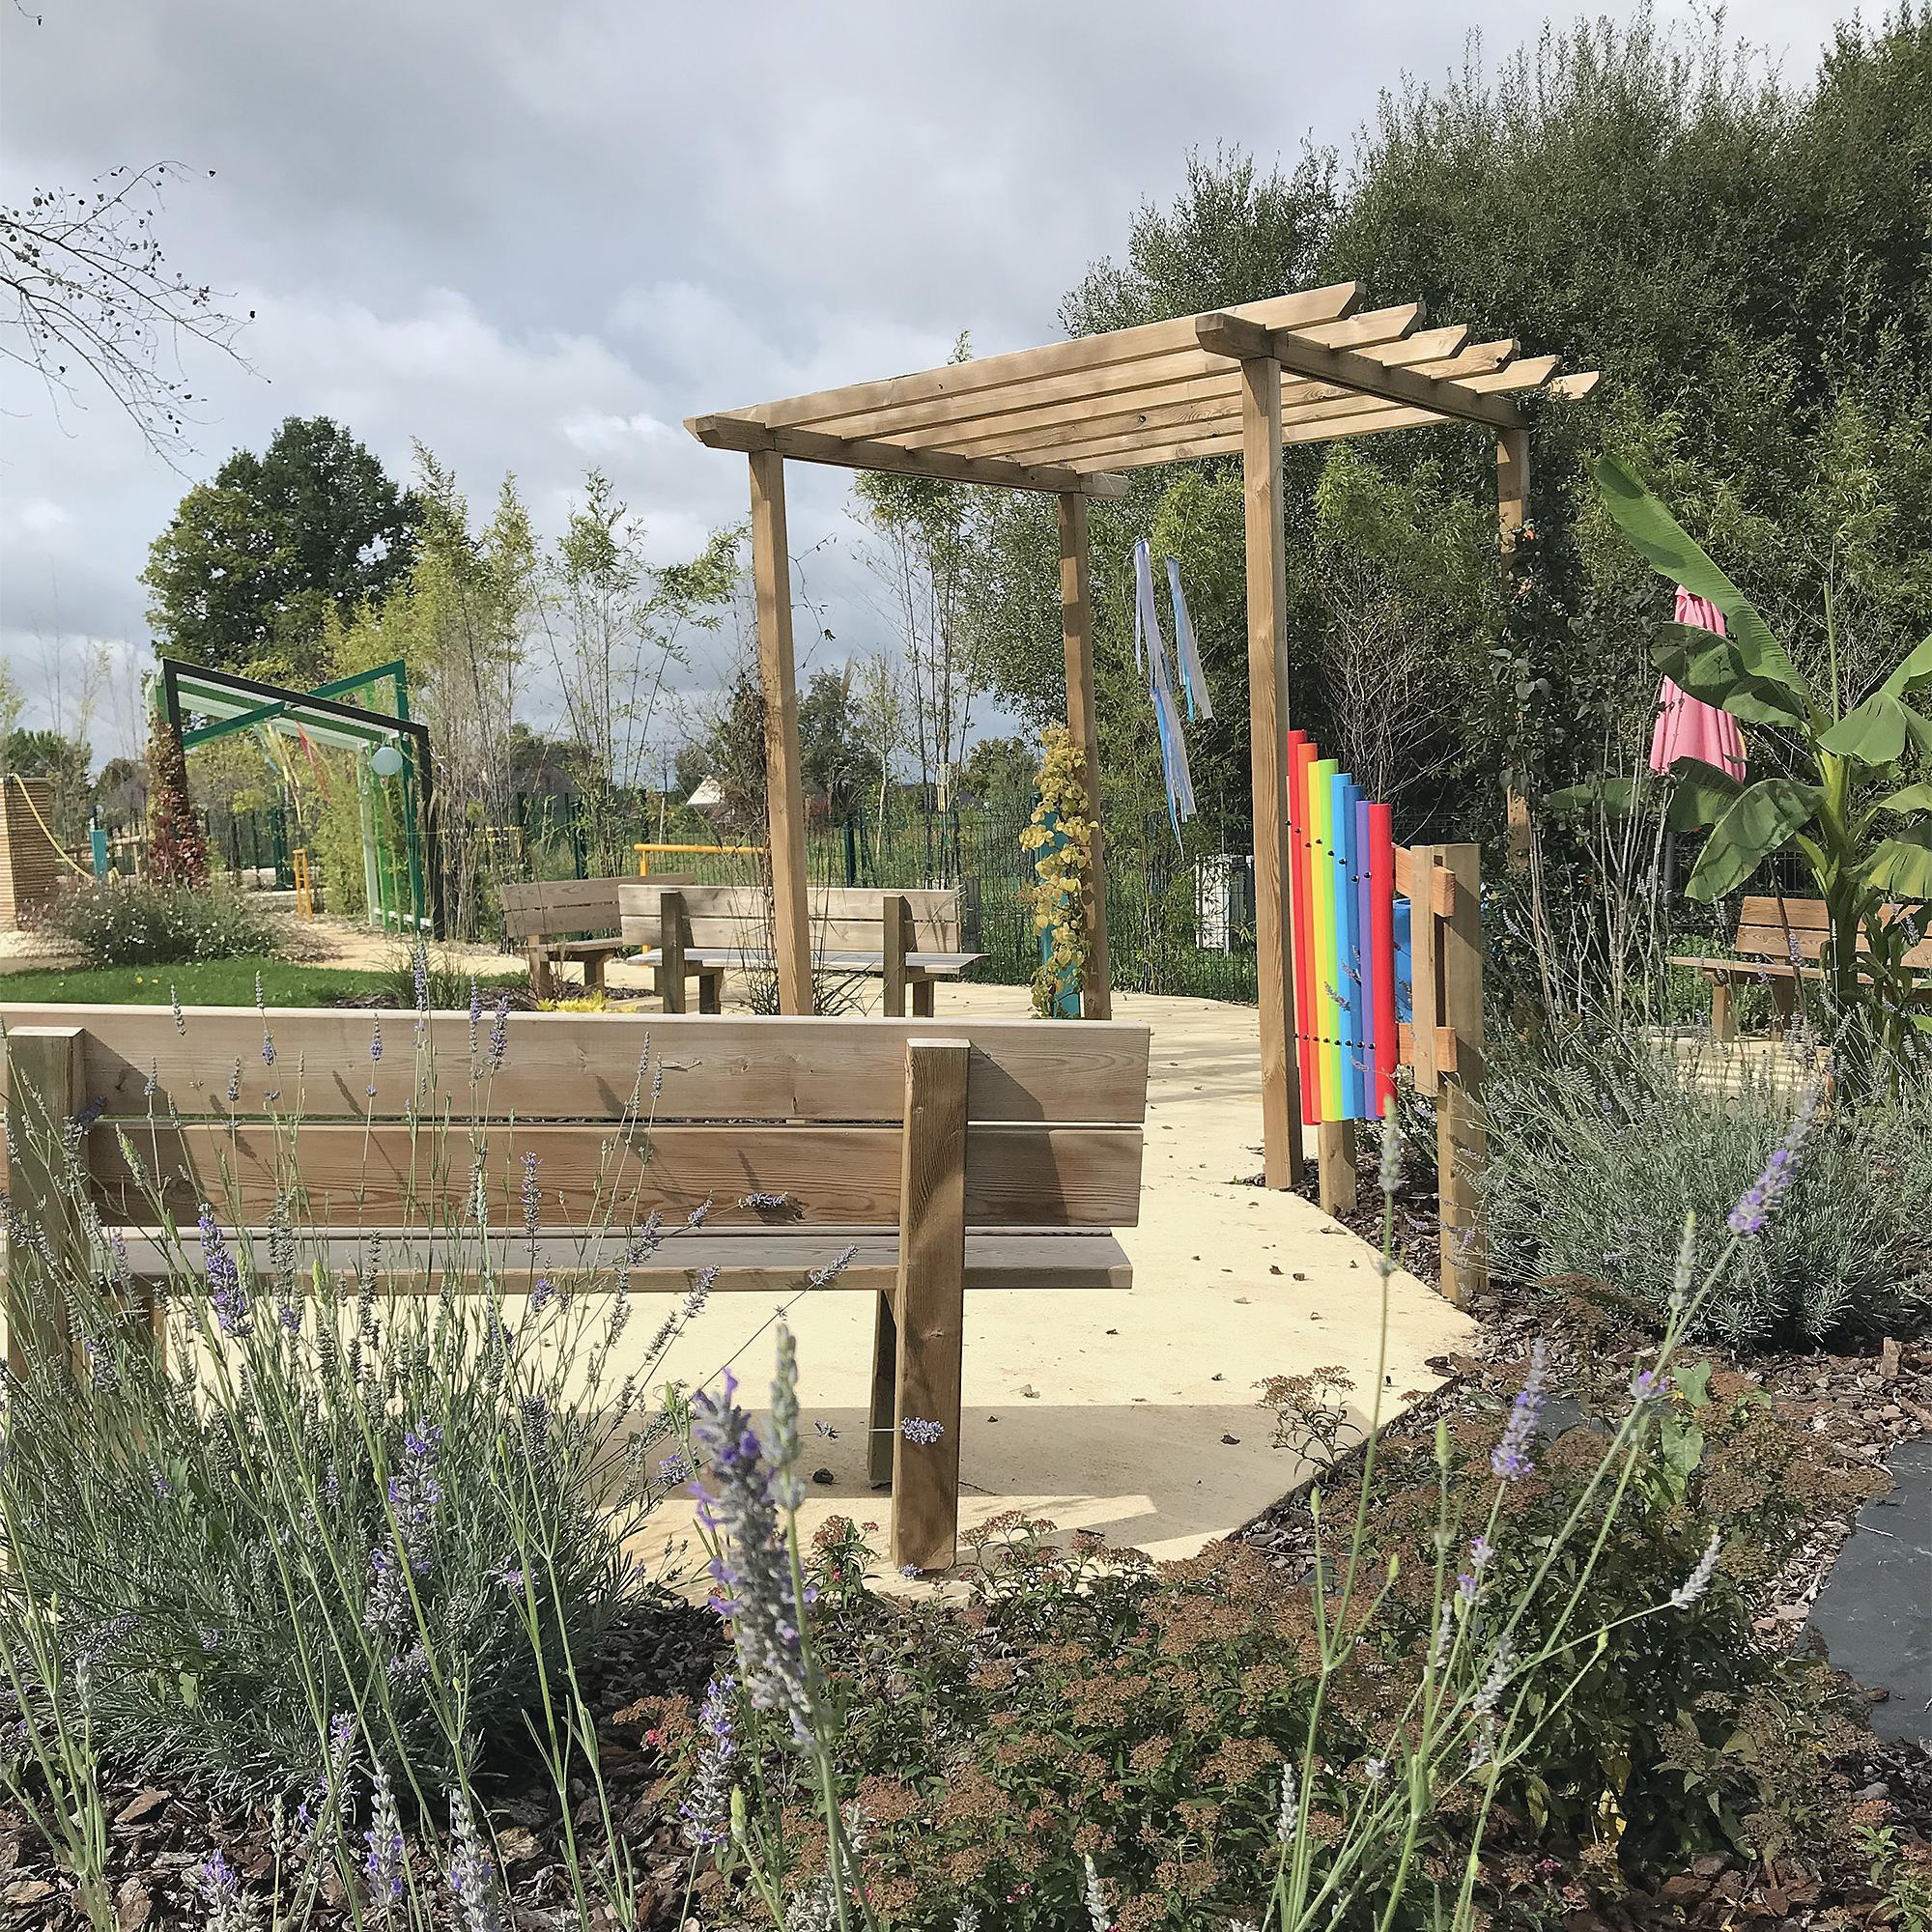 Le jardin de soins réalisé par Expressions jardin, un espace agréable et reposant